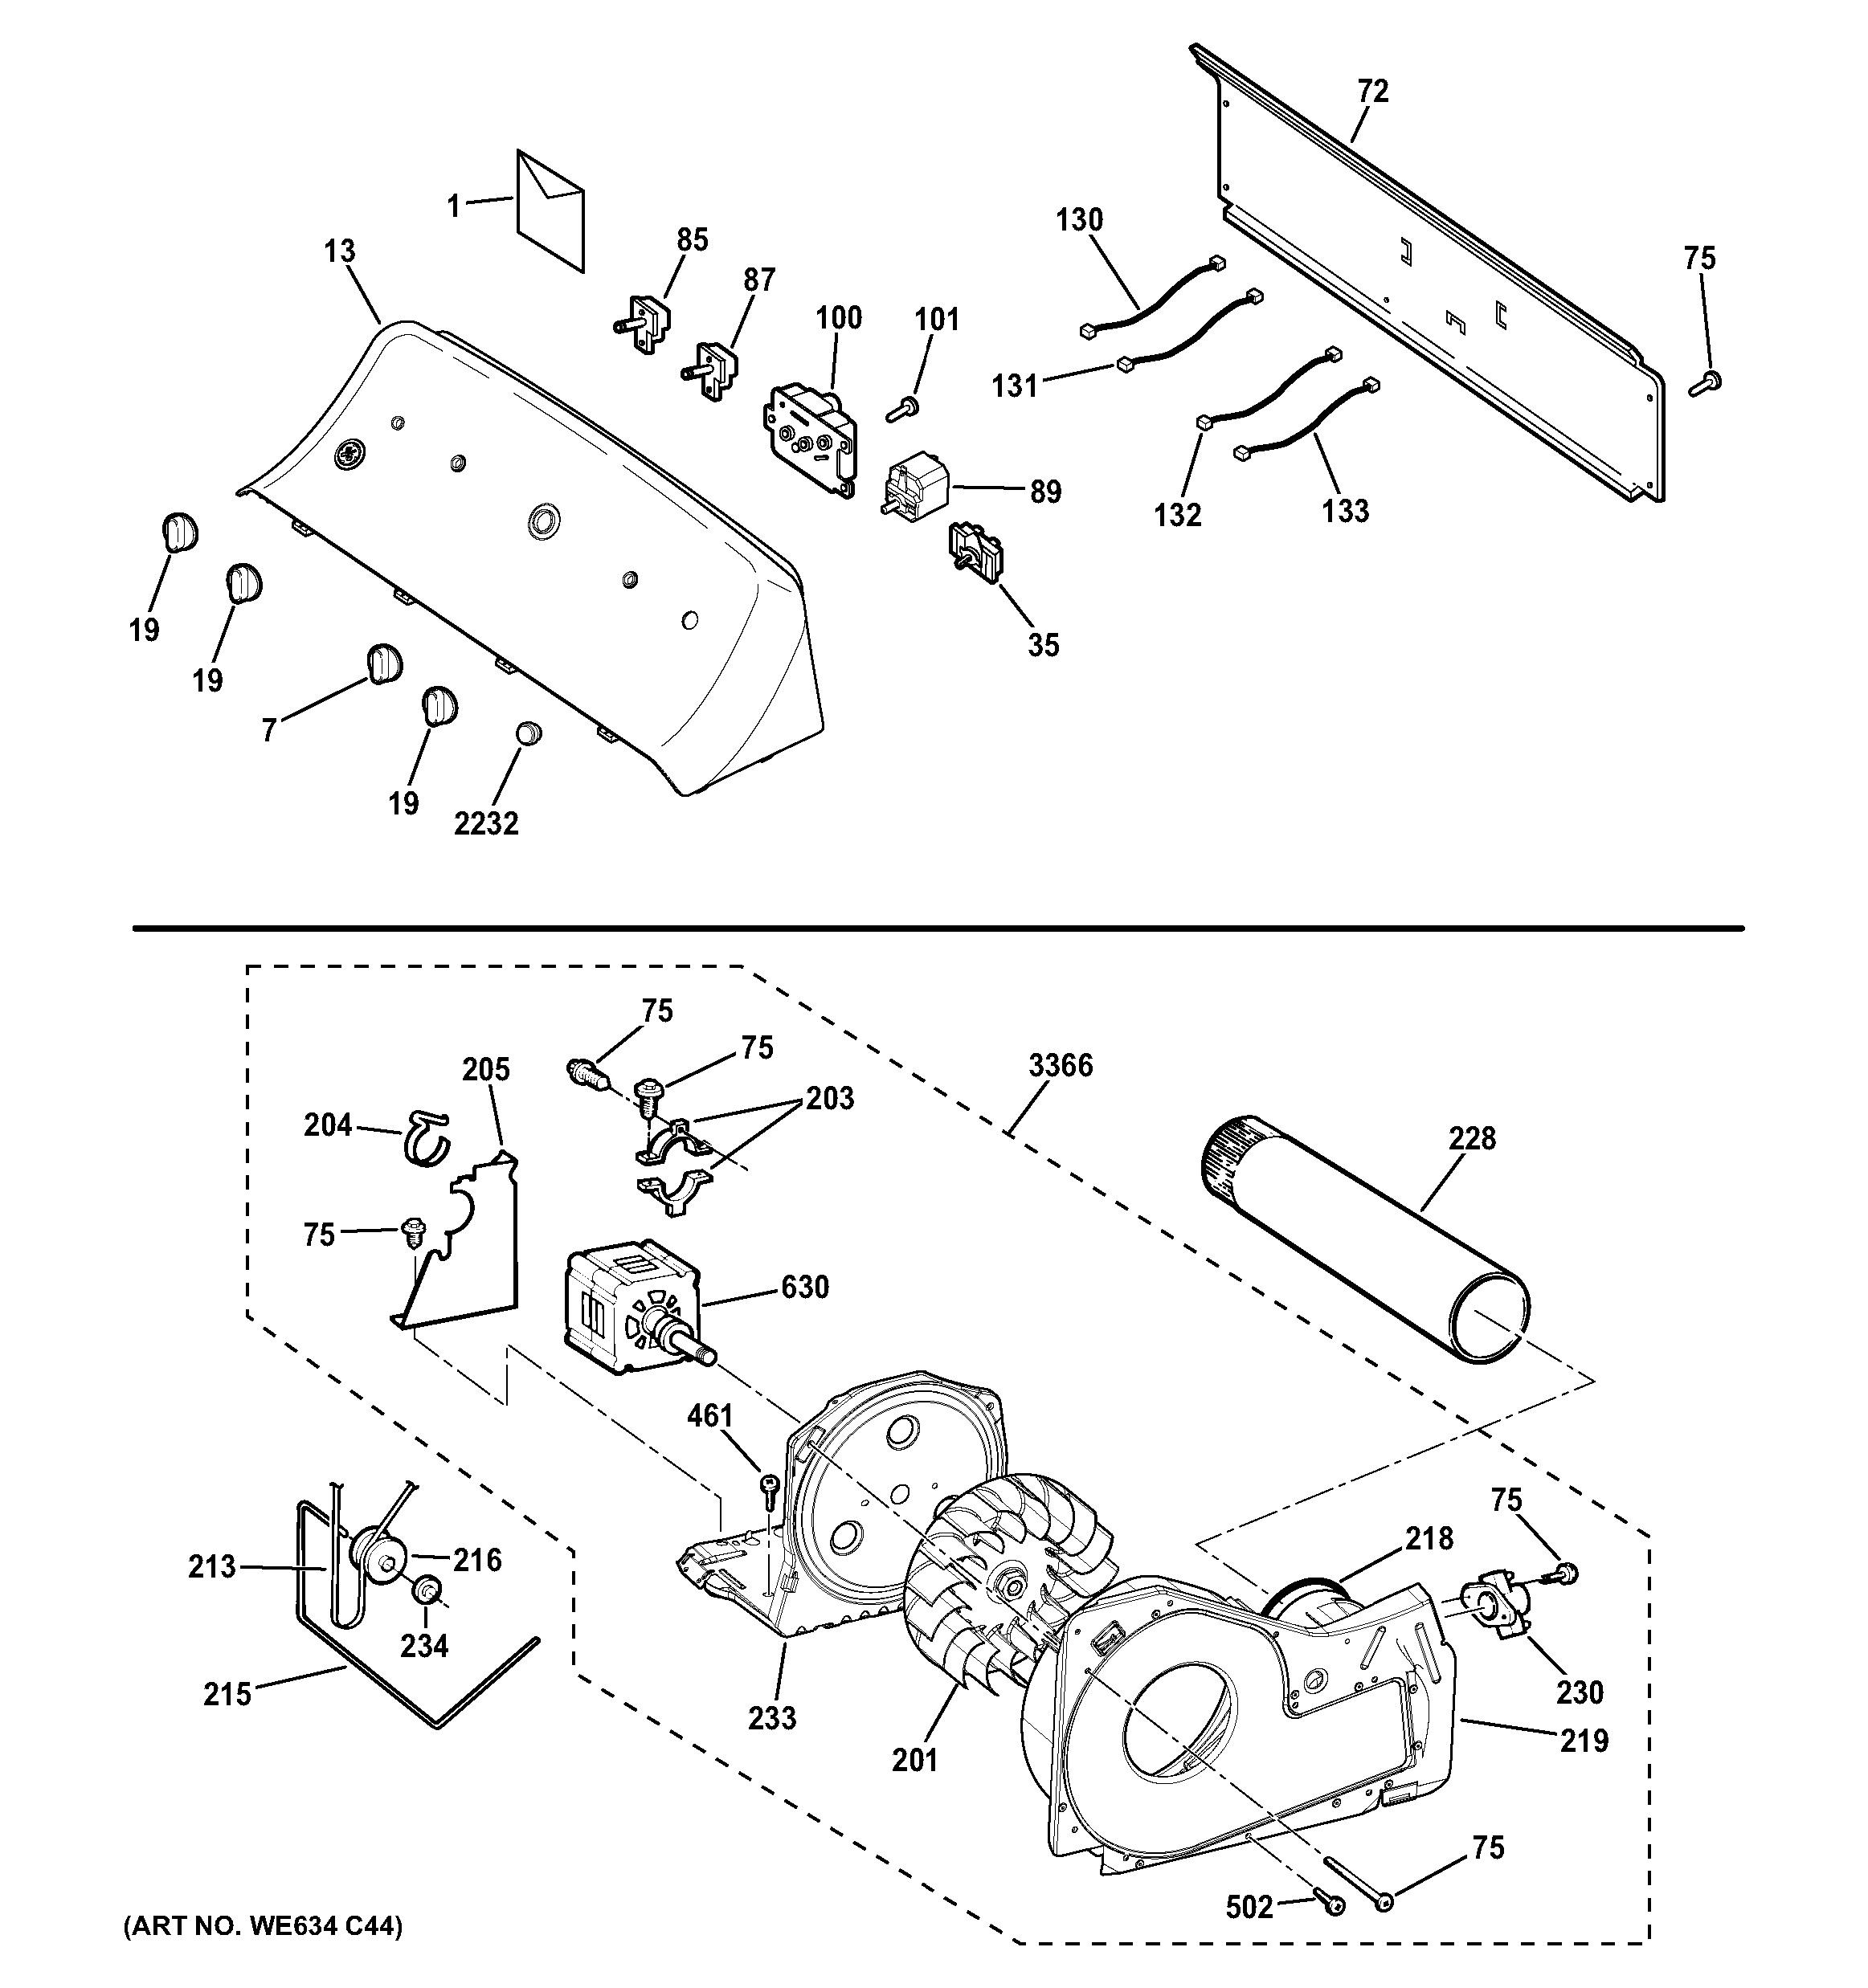 Napa Parts Find